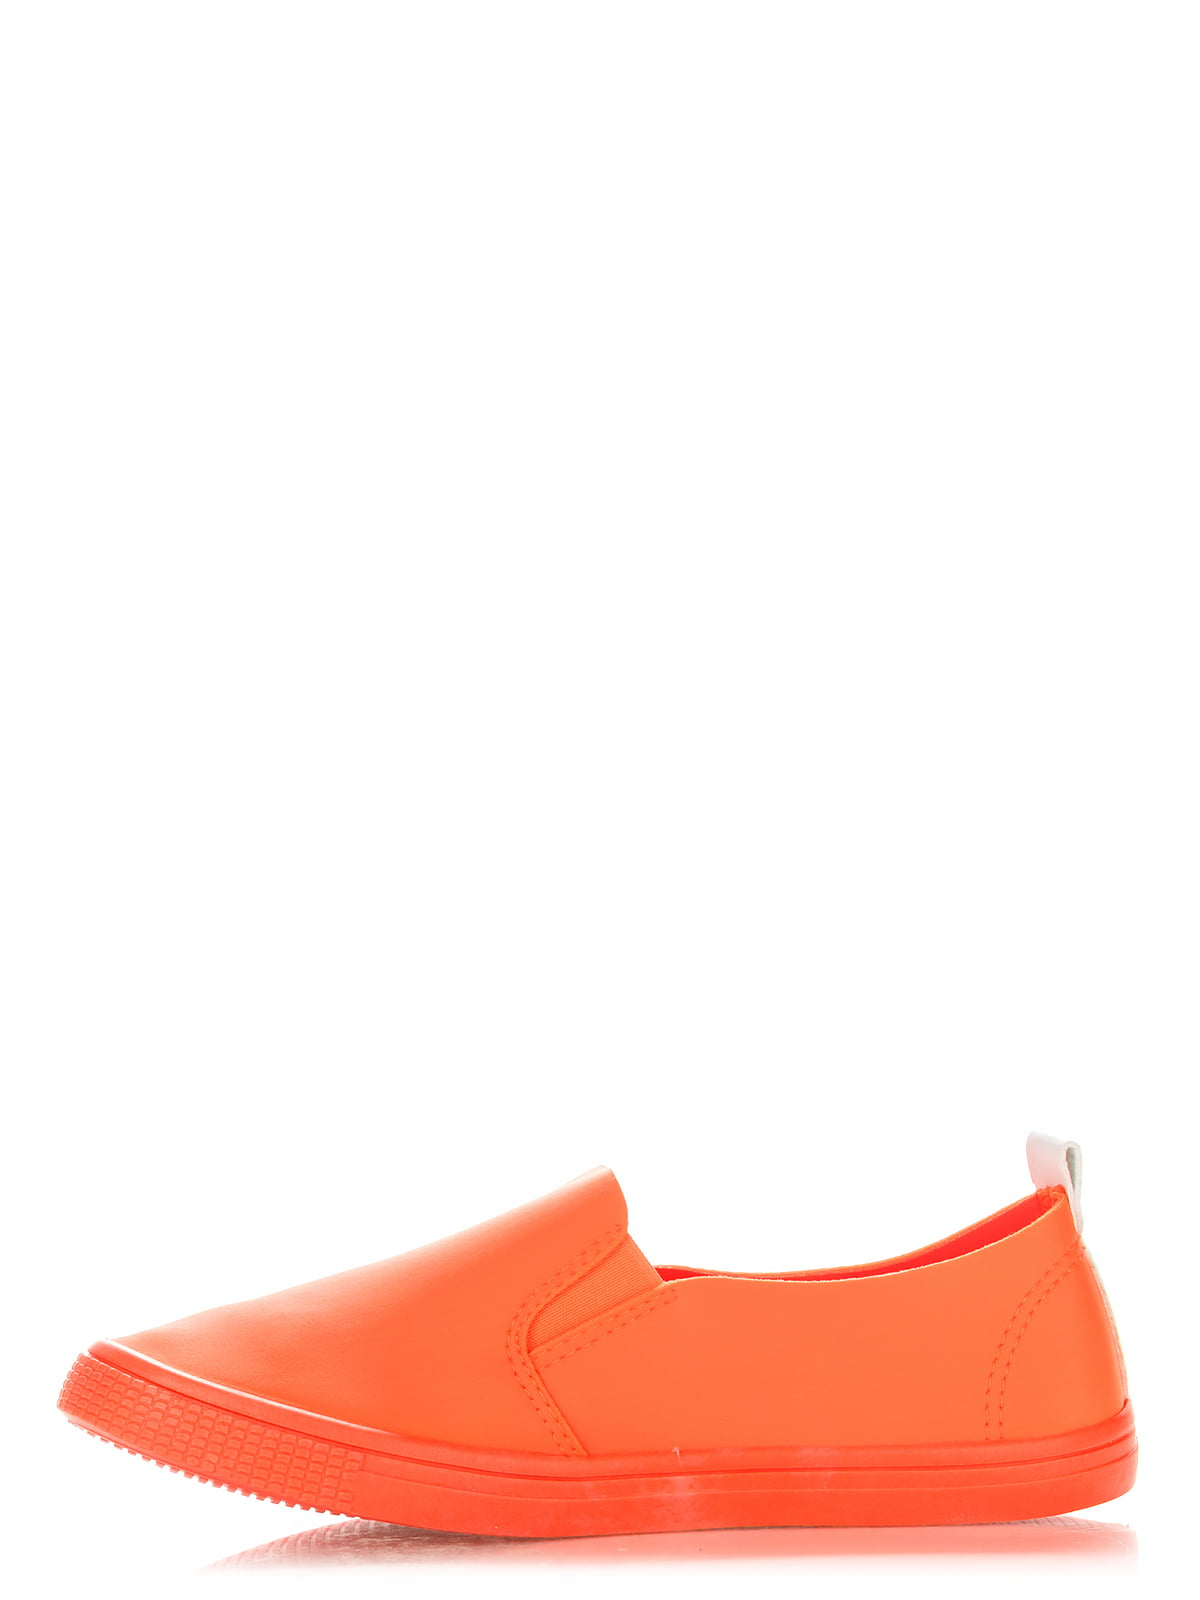 Слипоны оранжевые | 2743406 | фото 3